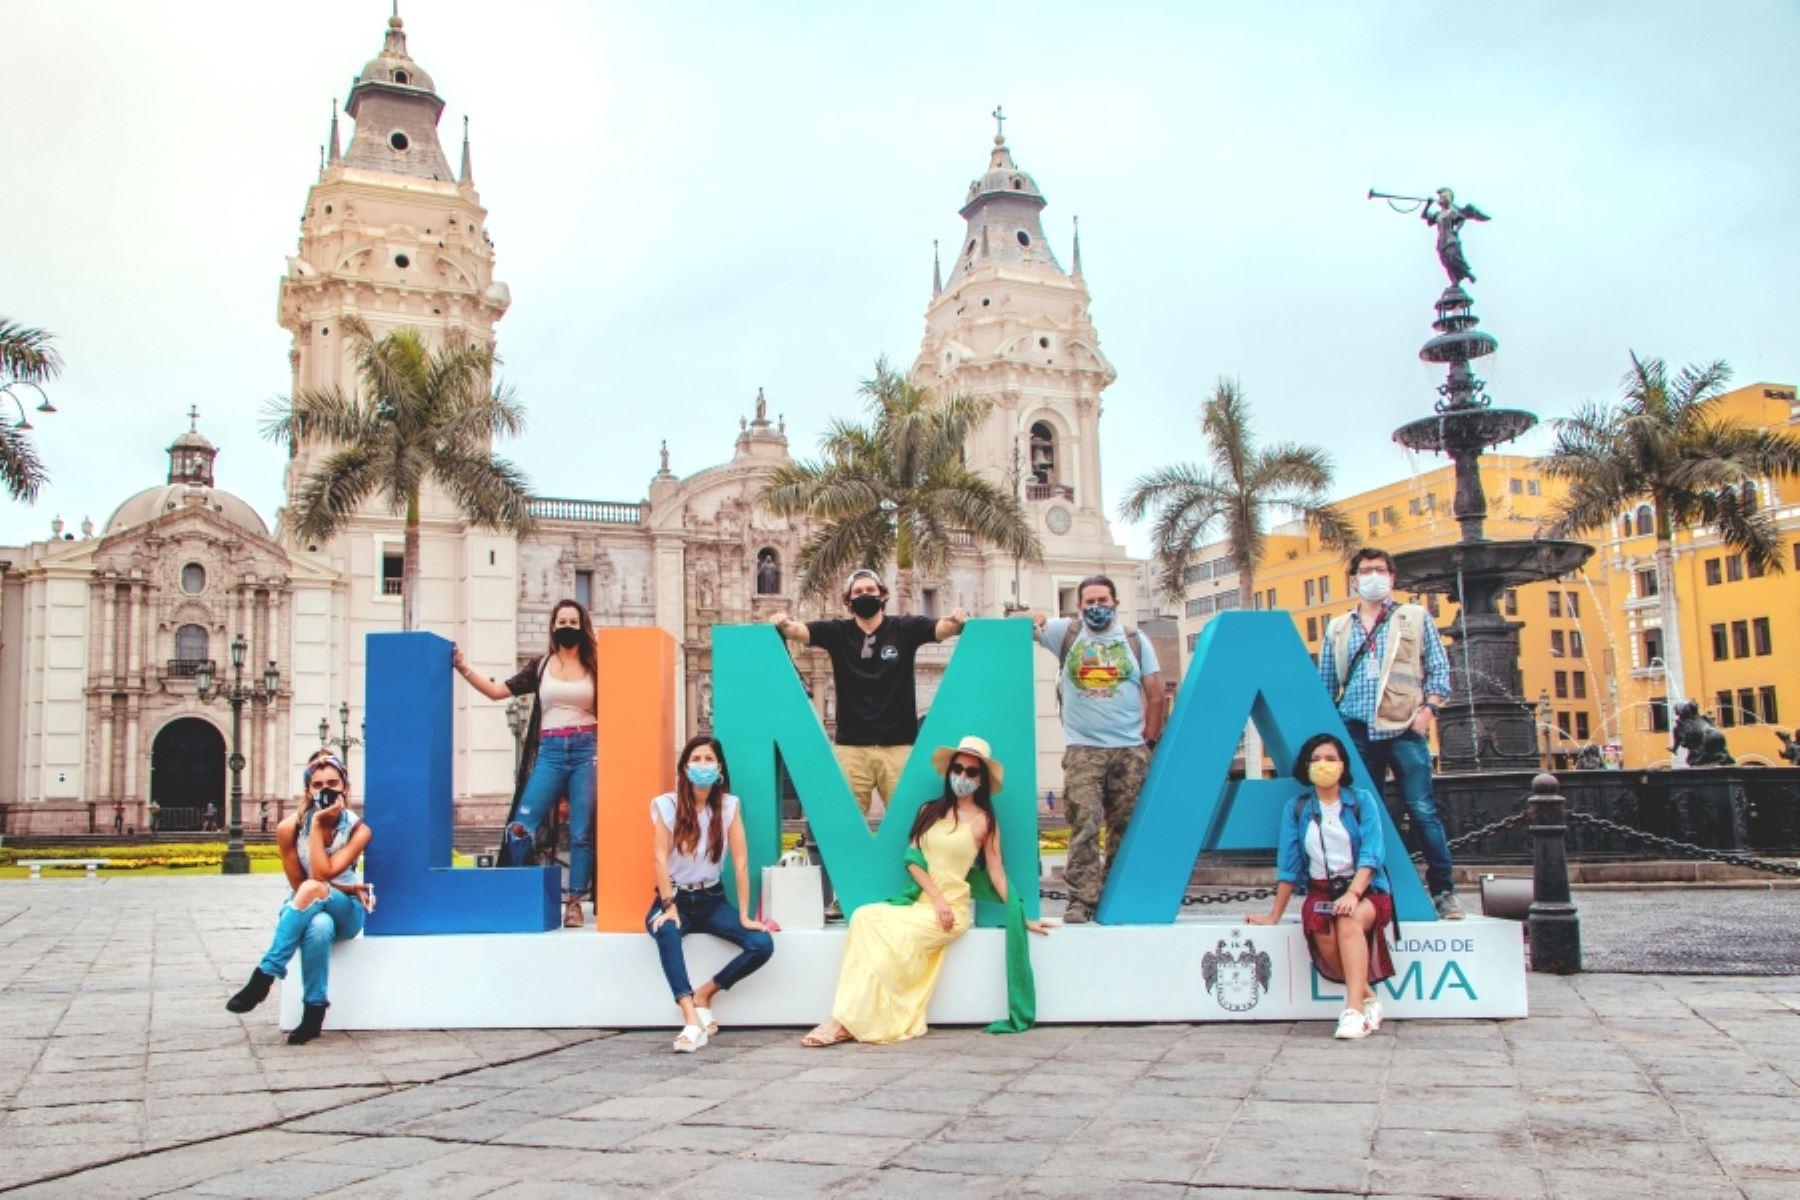 Bicentenario de la Independencia: disfruta de actividades turísticas en el centro de Lima